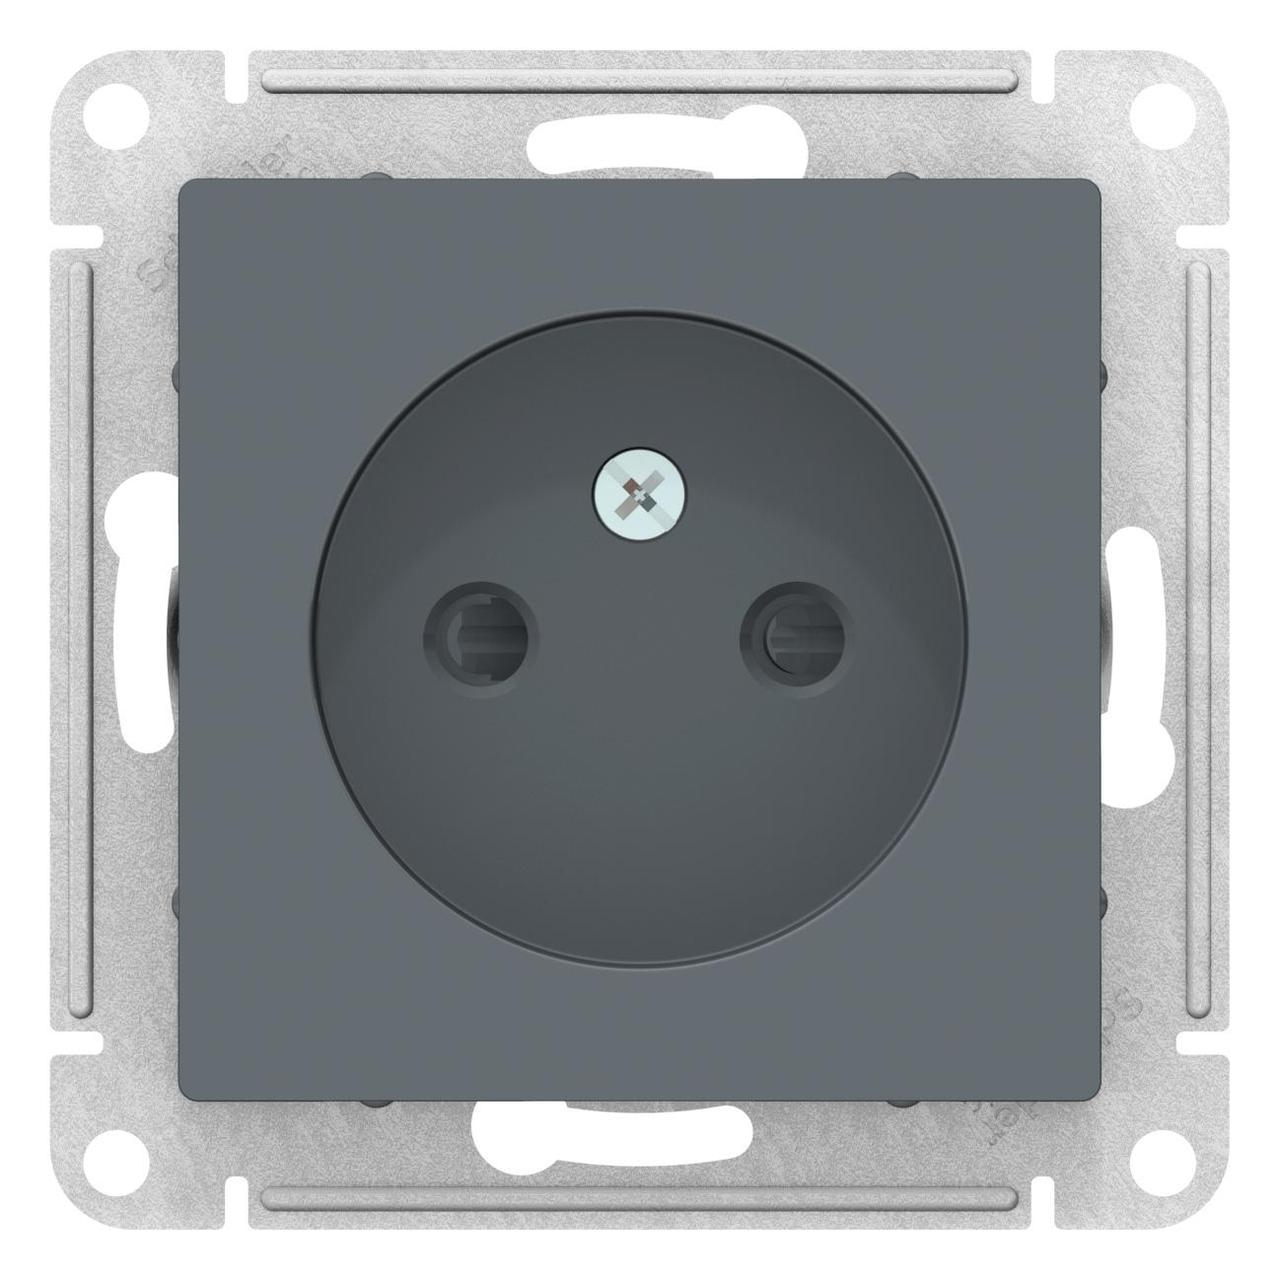 Розетка 1-ая электрическая без заземления с защитными шторками , Грифель, серия Atlas Design, Schneider Electric